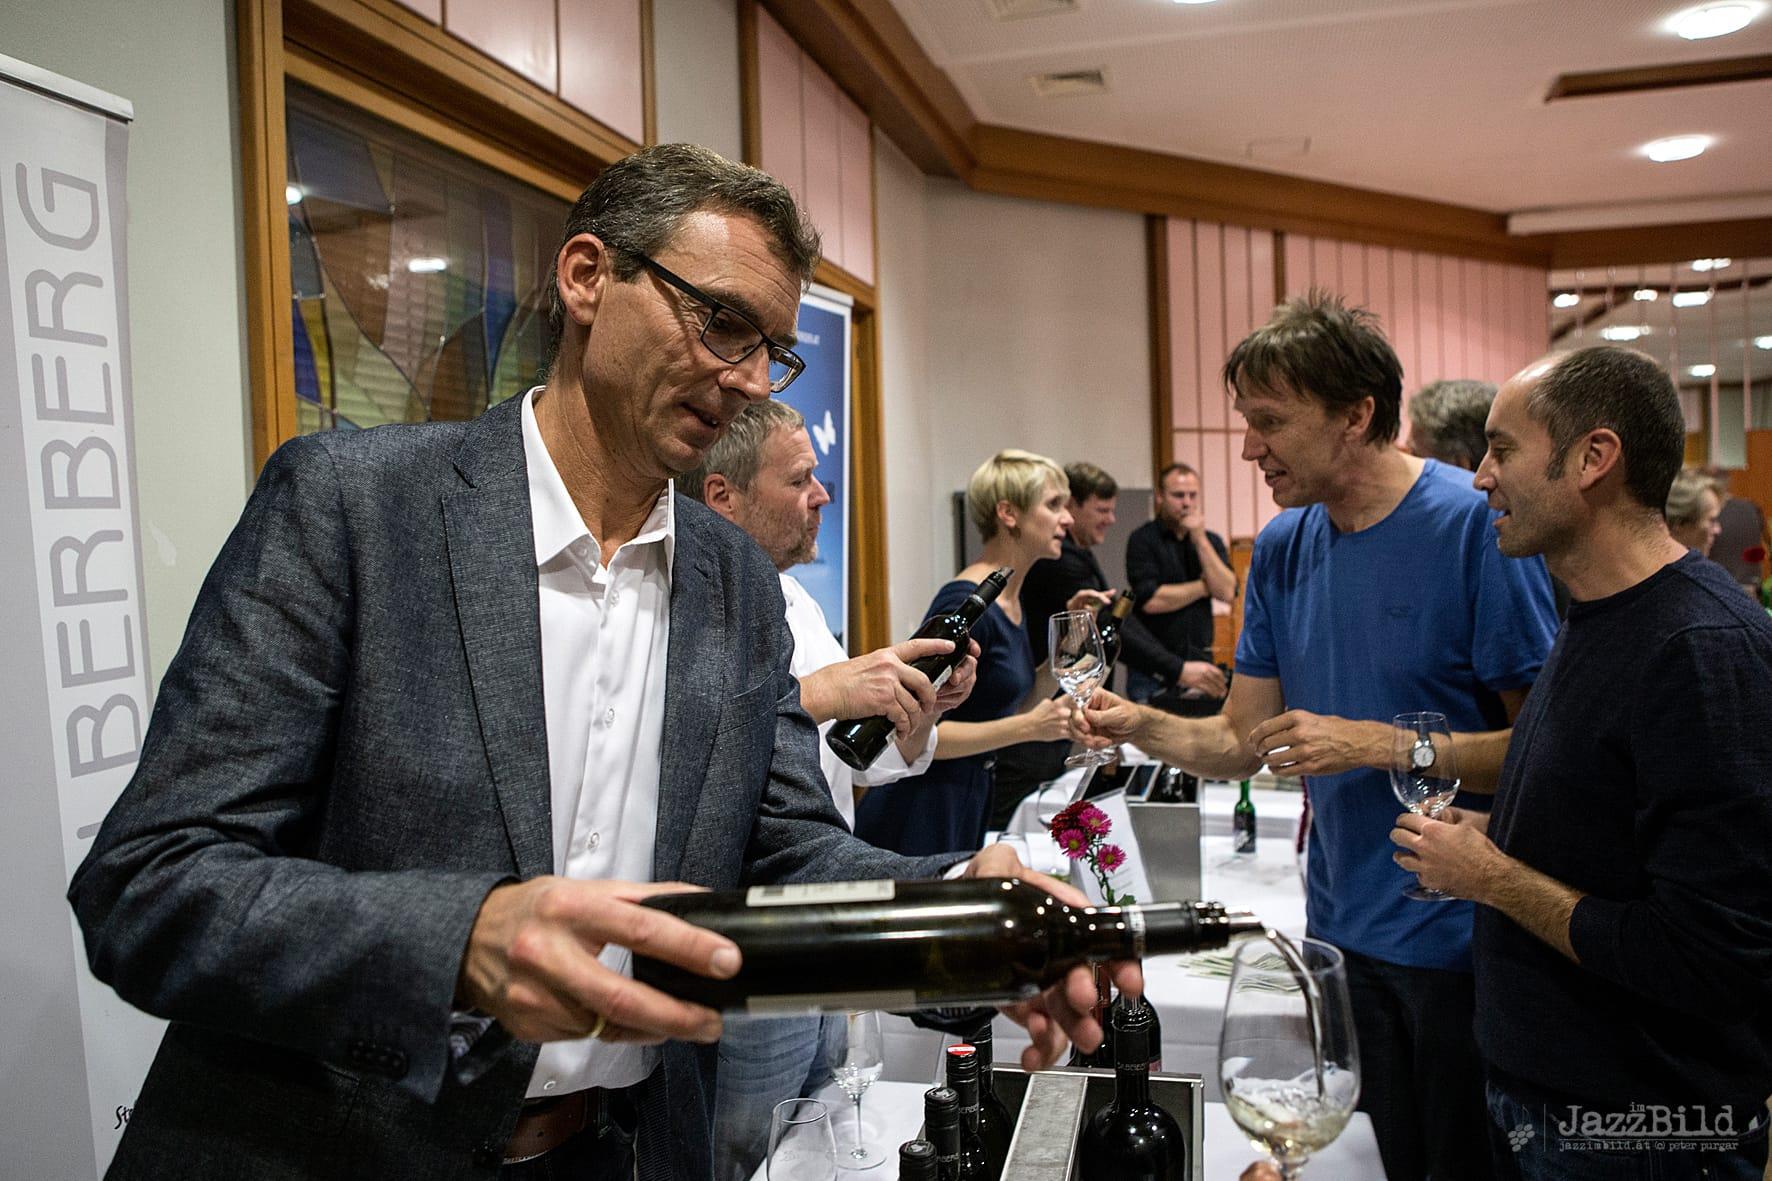 04-UllaCBinder-Weinverkostung_036 Kopie